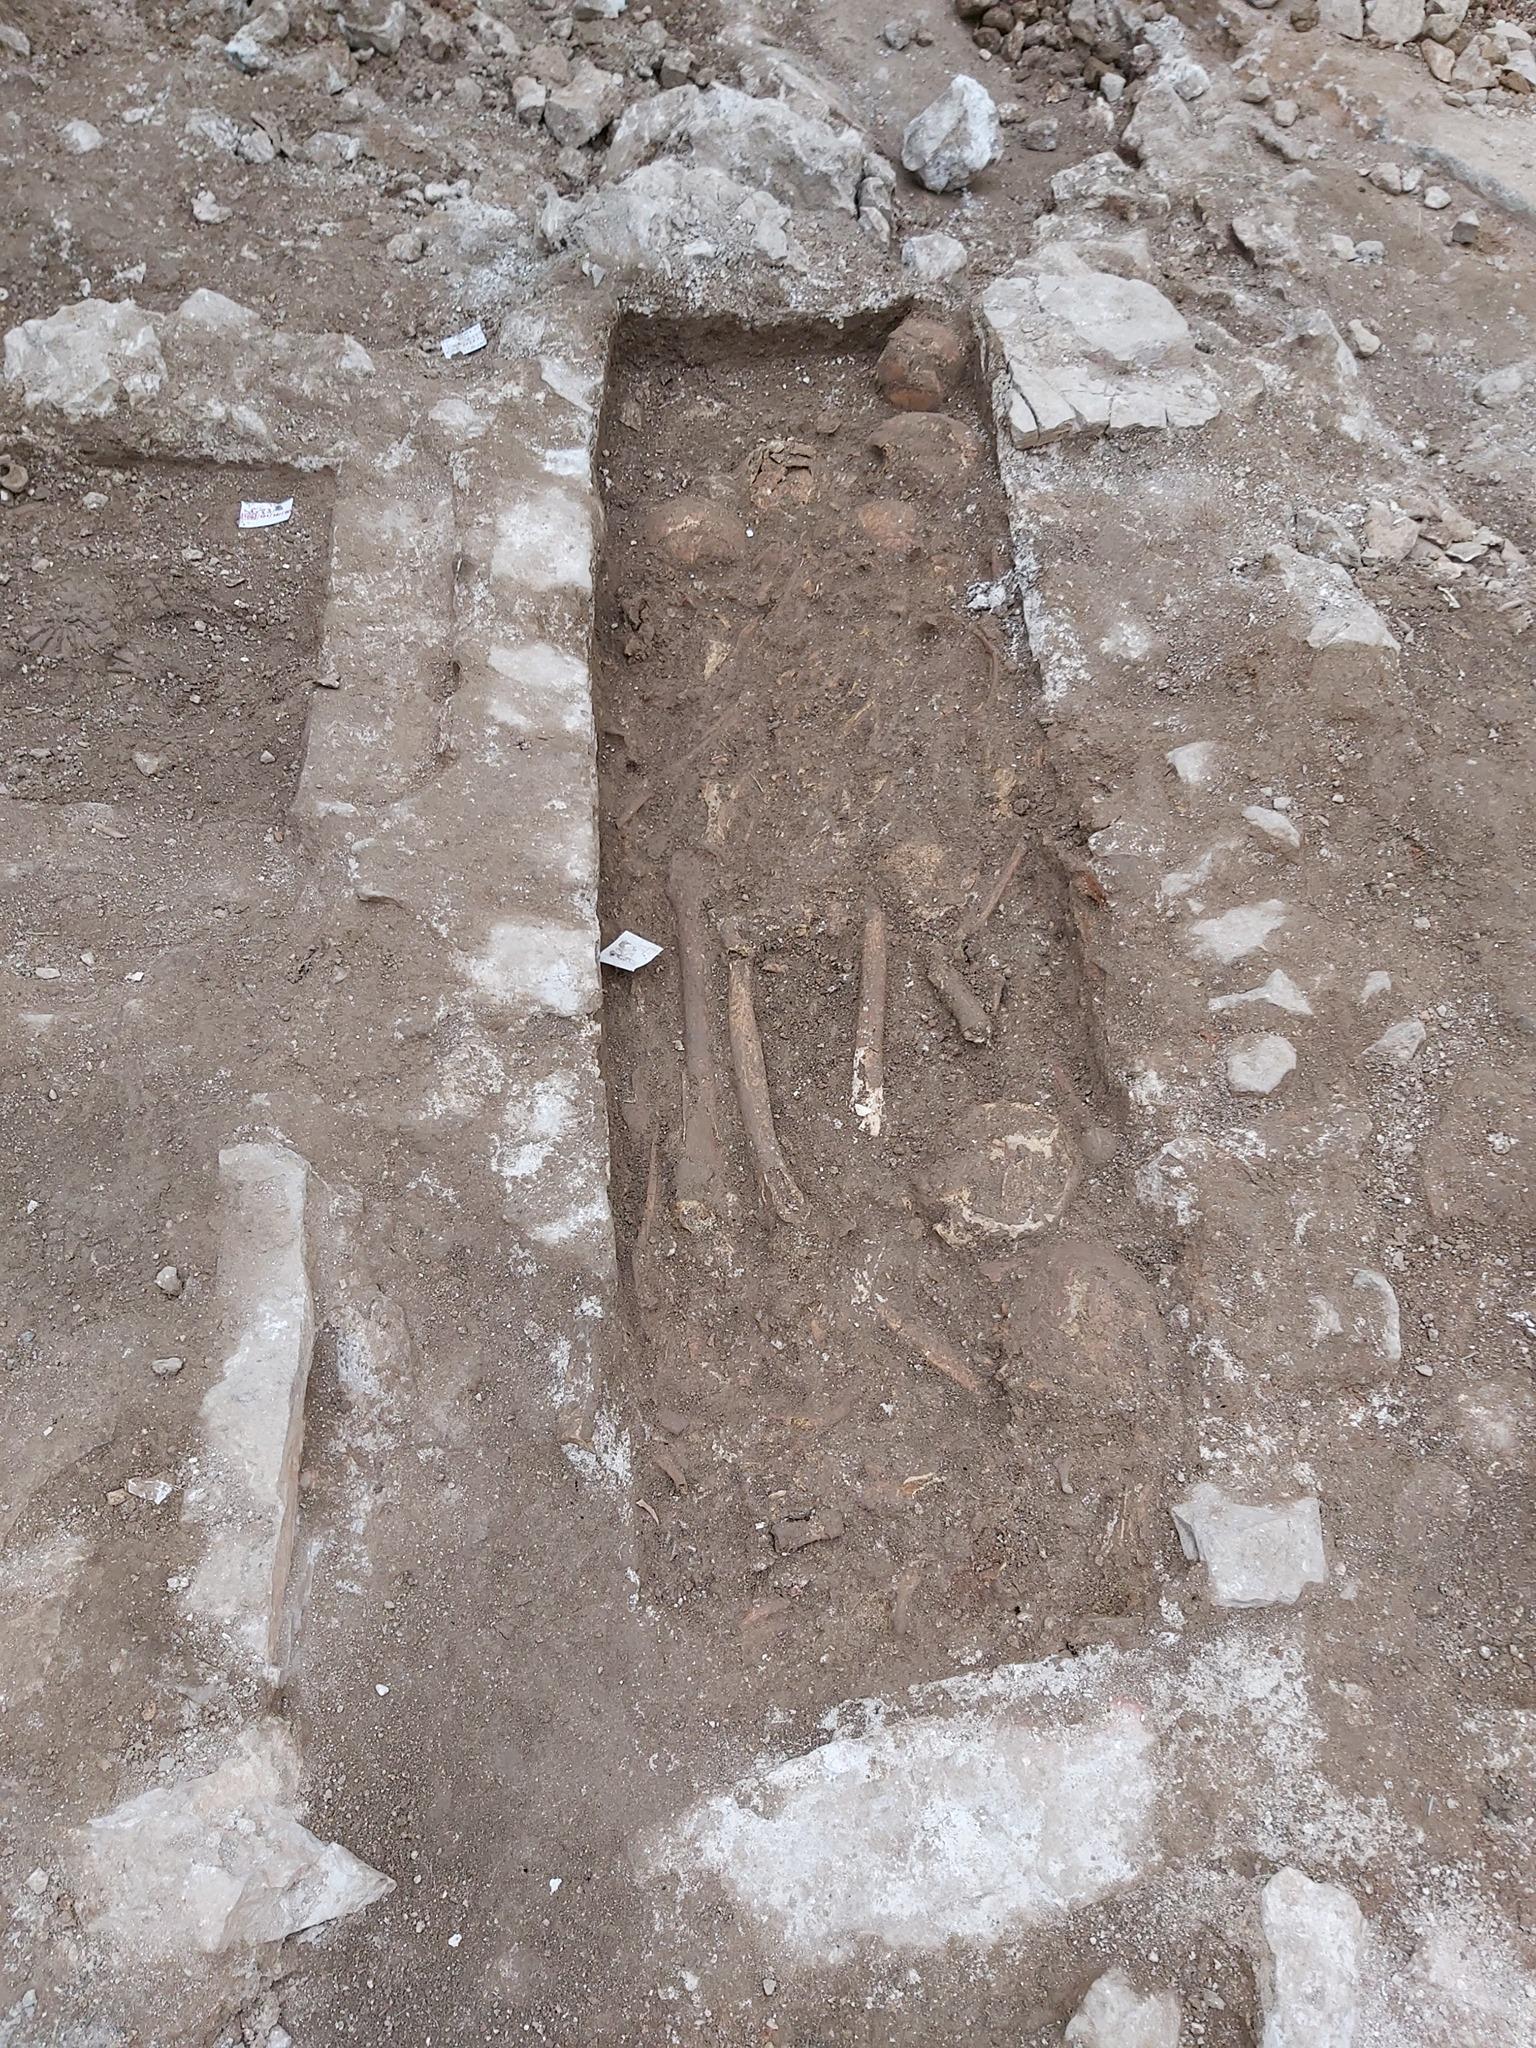 Uz samostan sv frane u sibeniku otkriveno staro groblje 2